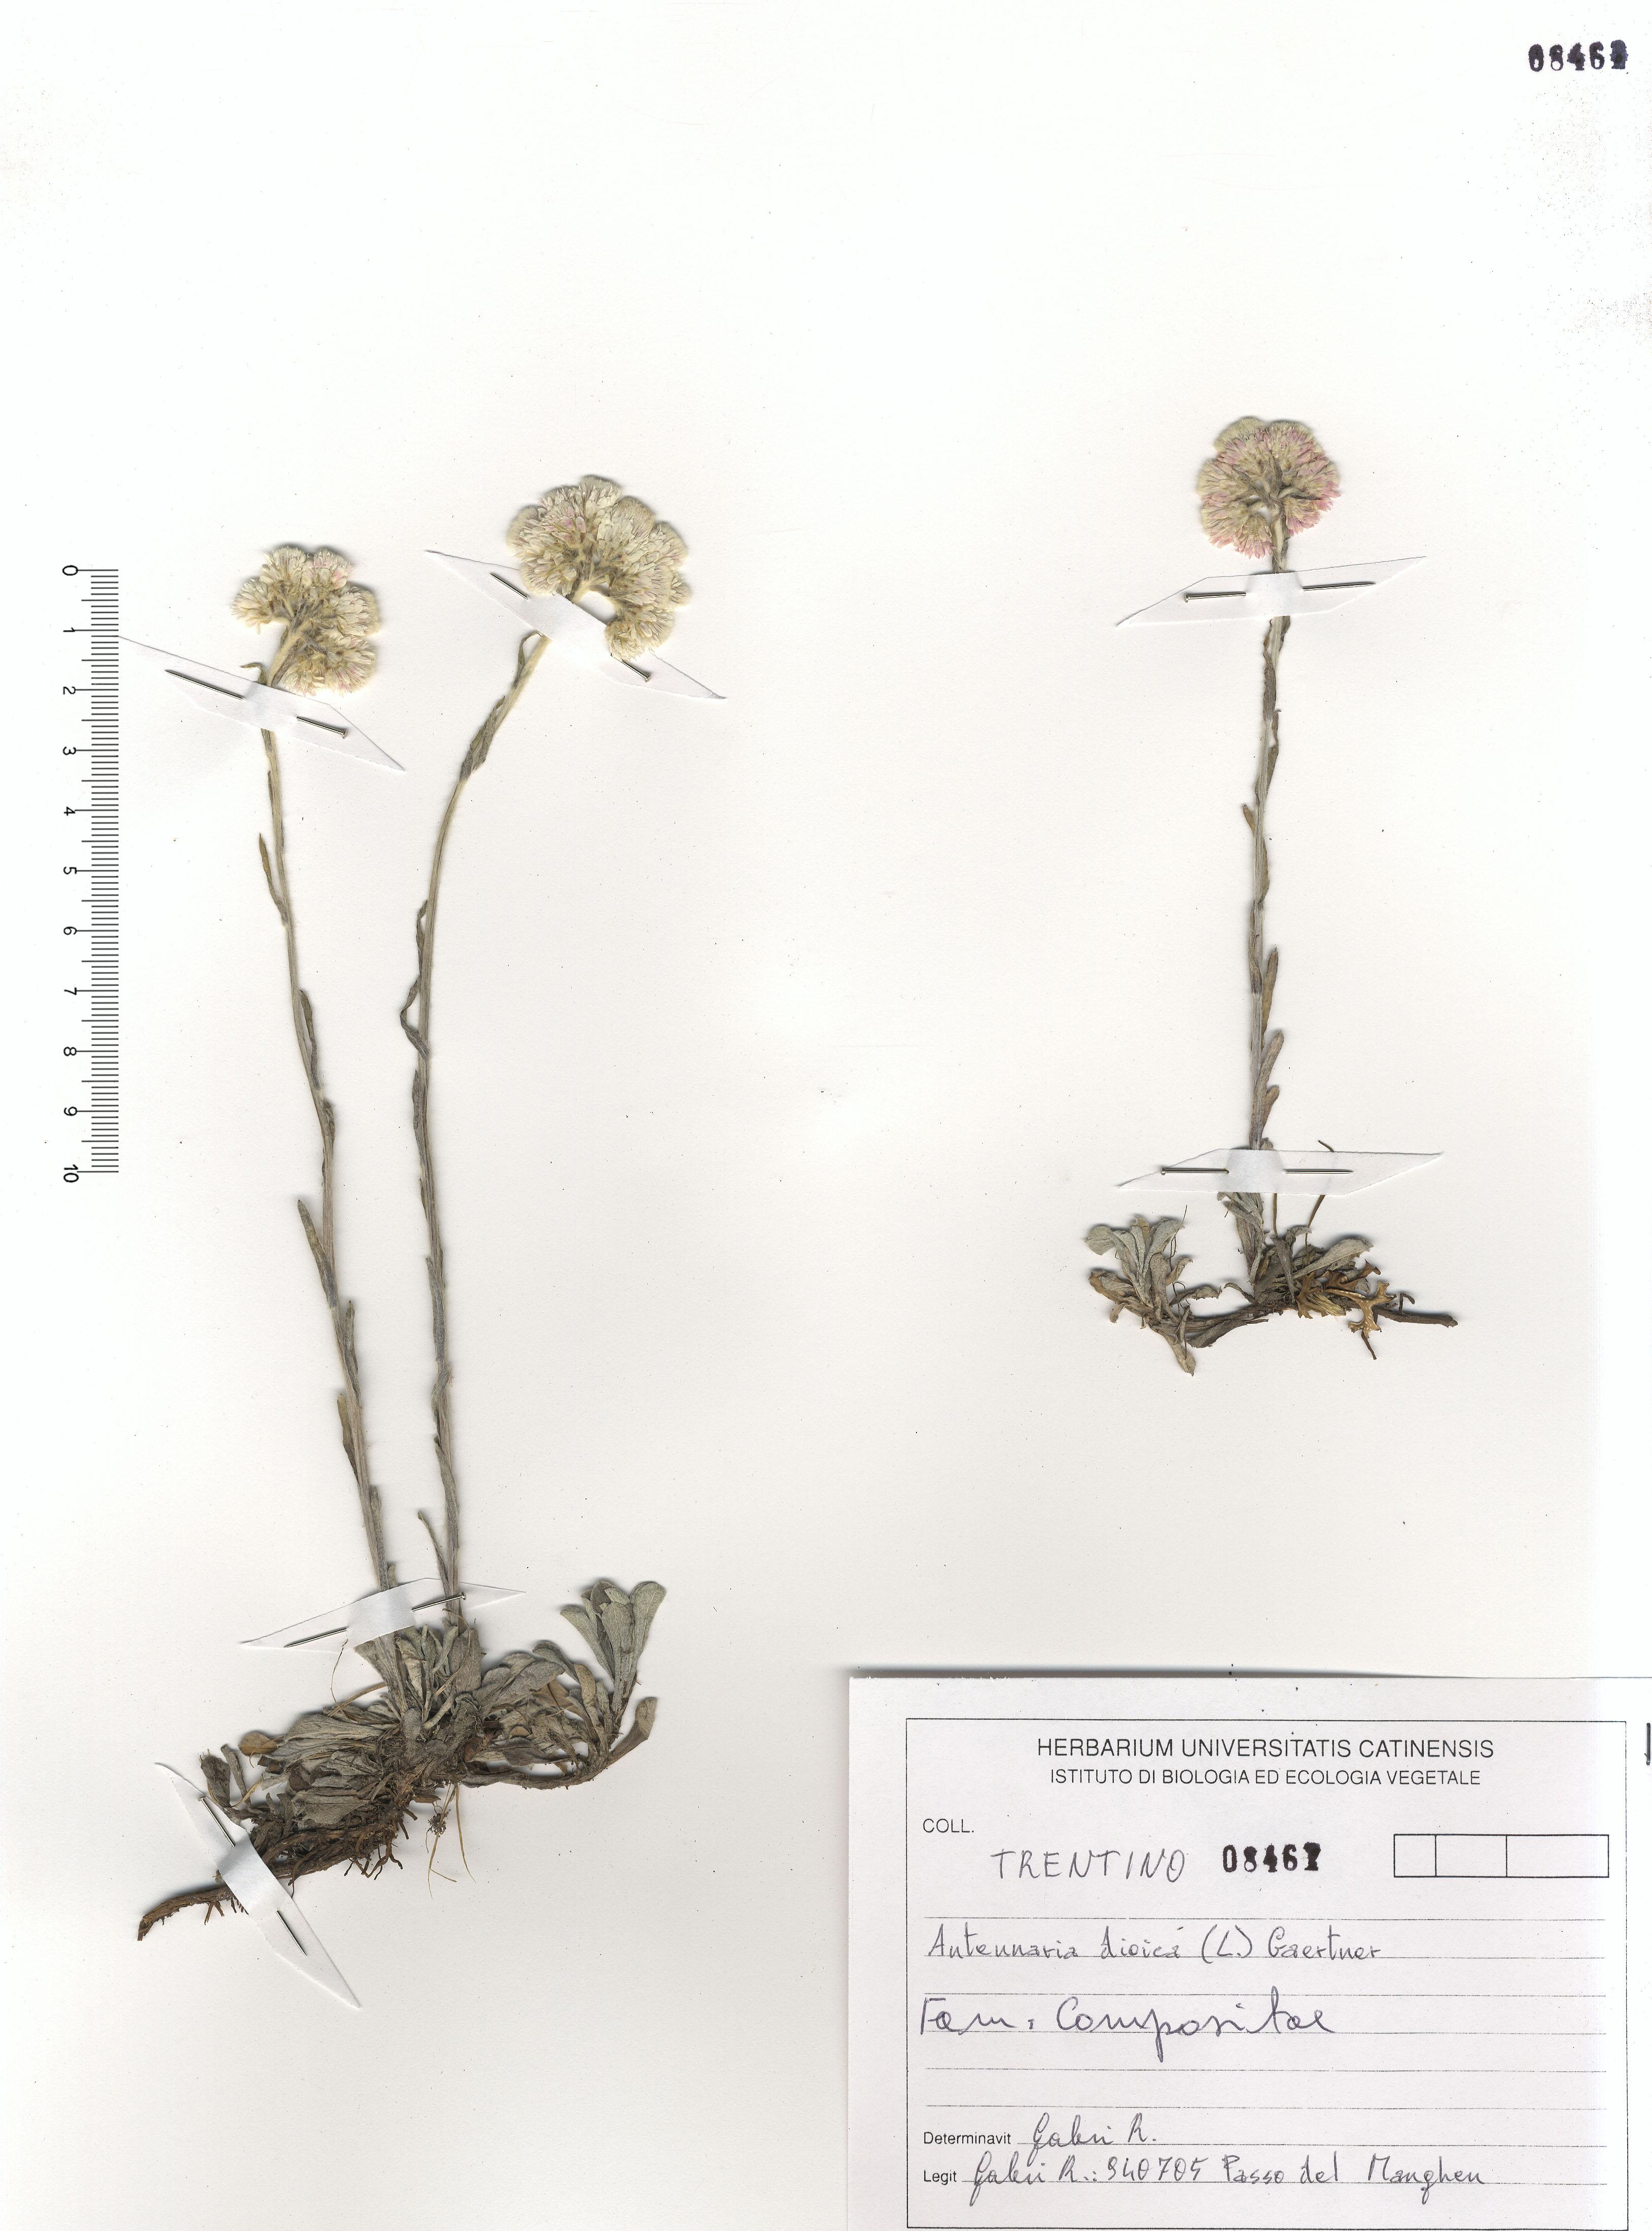 © Hortus Botanicus Catinensis - Herb. sheet 108461<br>